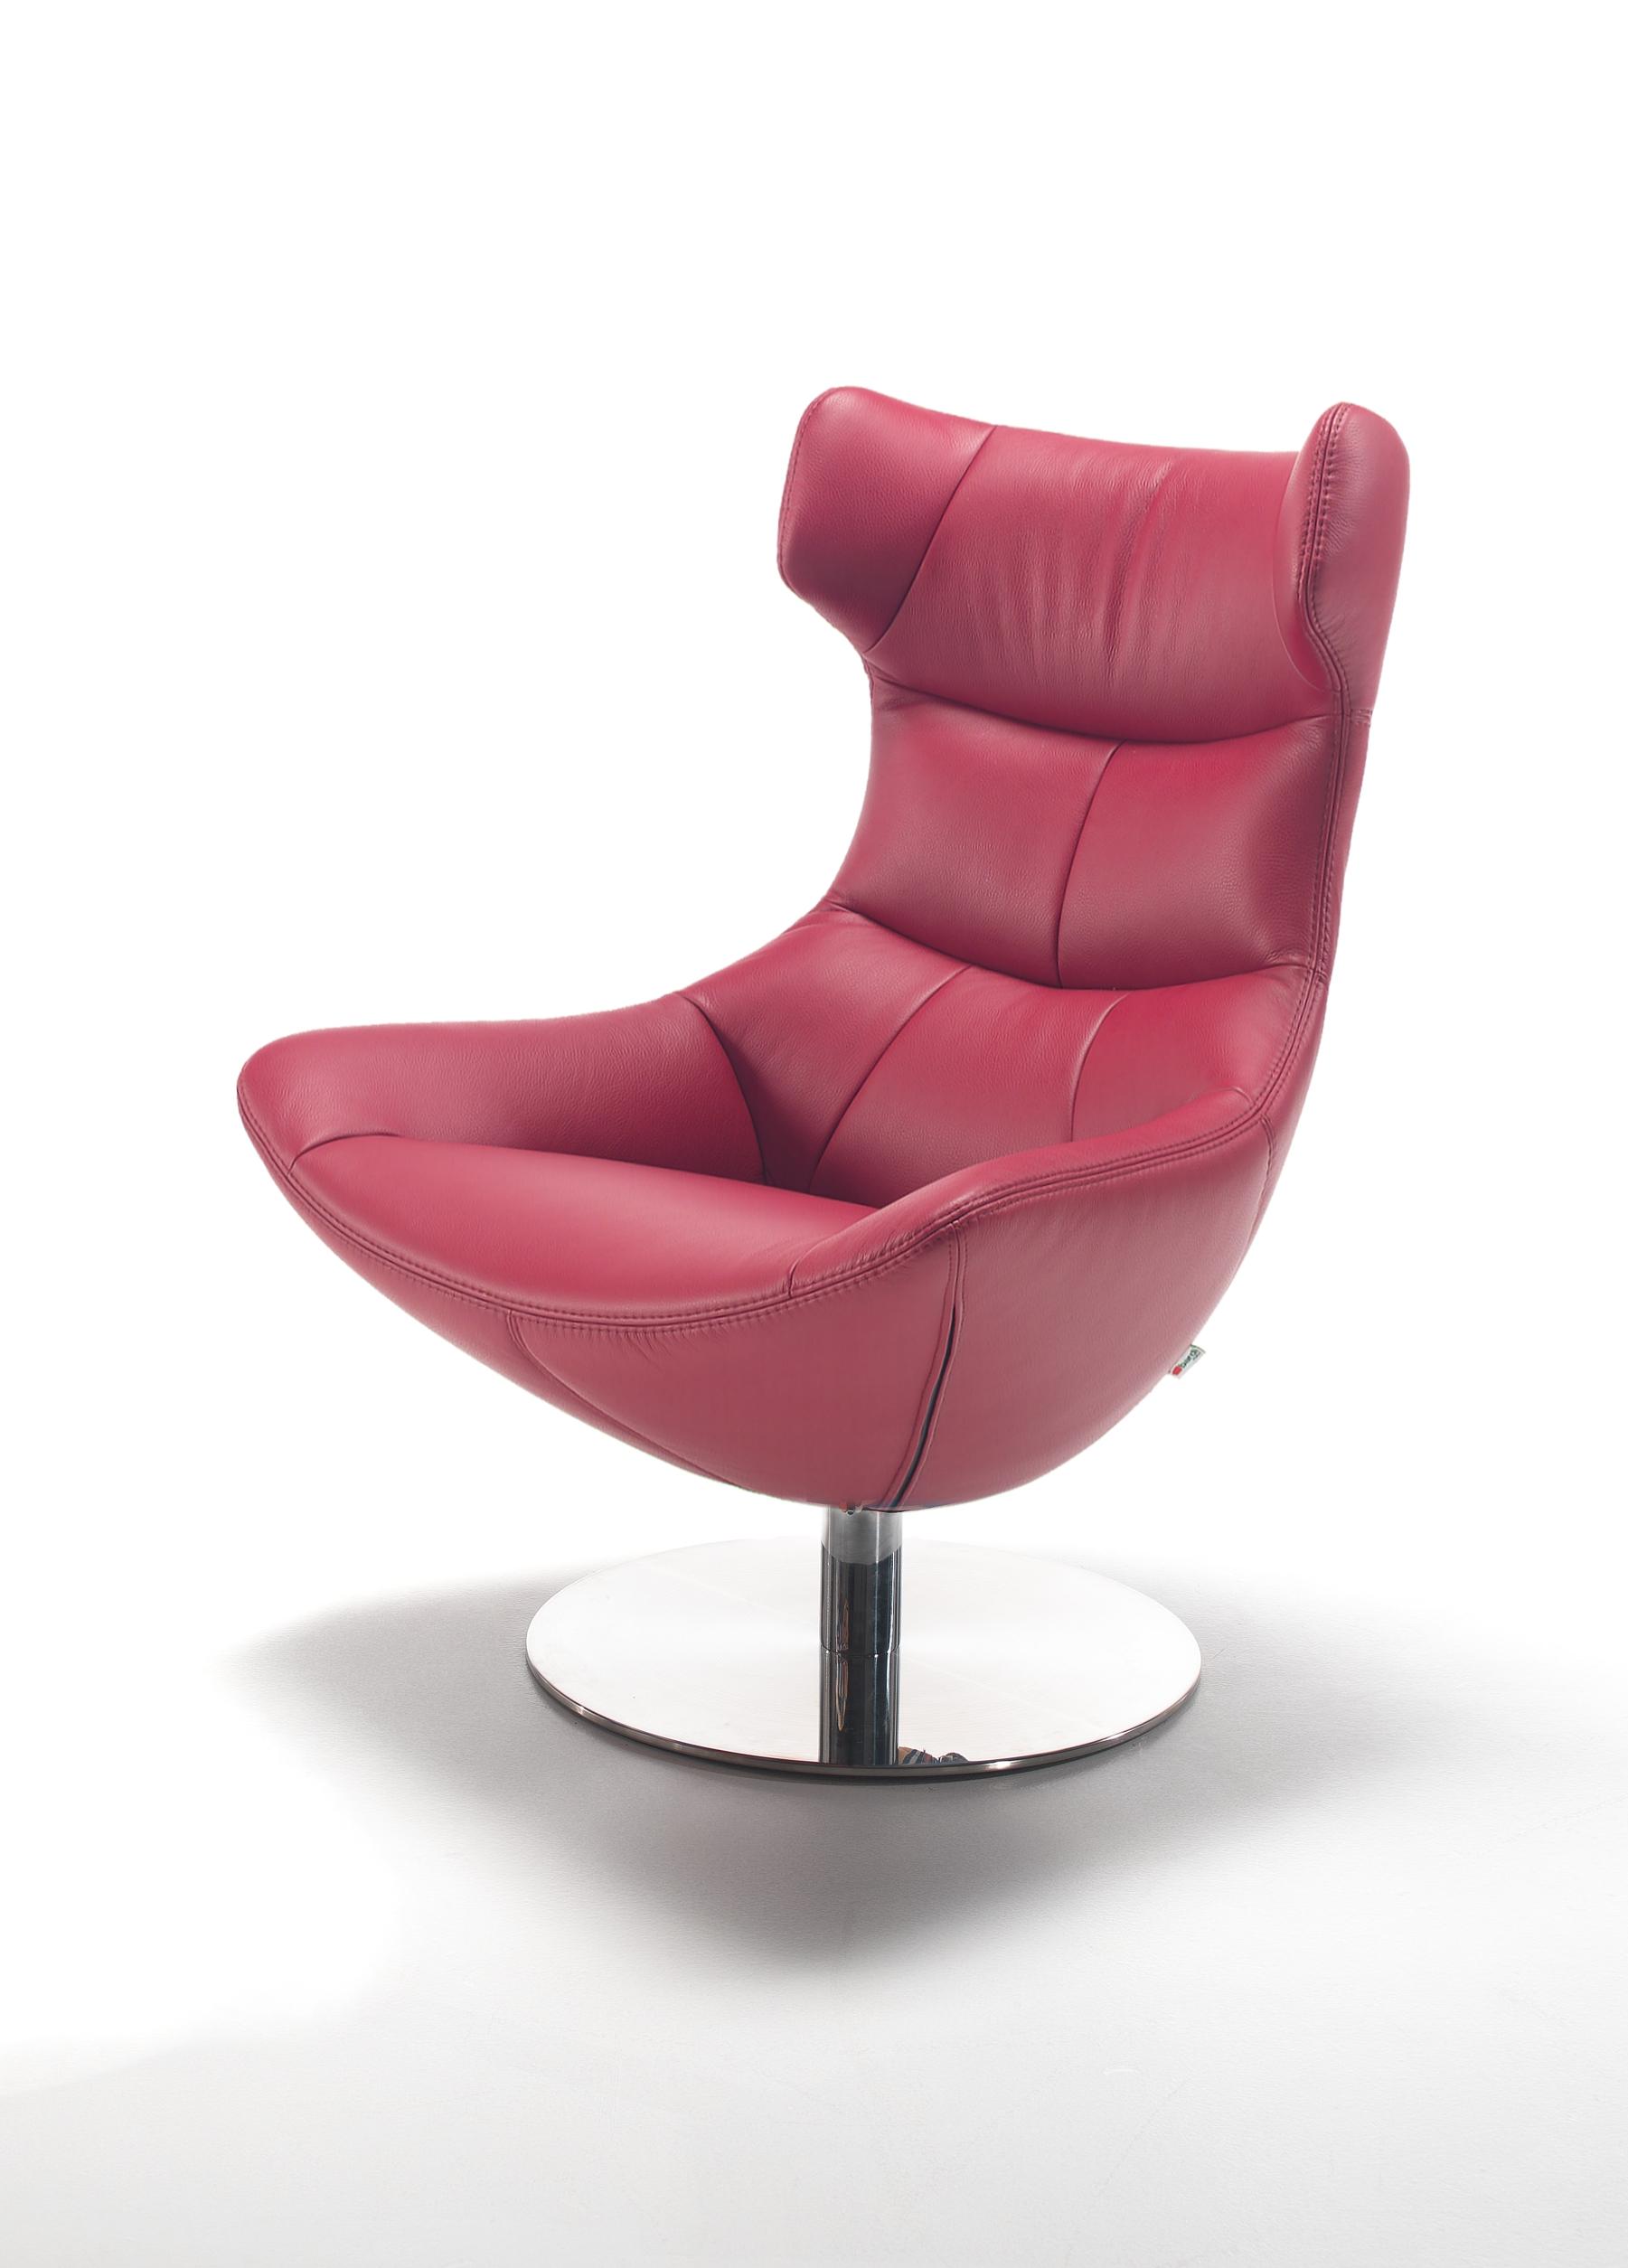 2 tendances mobilier incontournables pour 2018 blog de l 39 ameublier. Black Bedroom Furniture Sets. Home Design Ideas